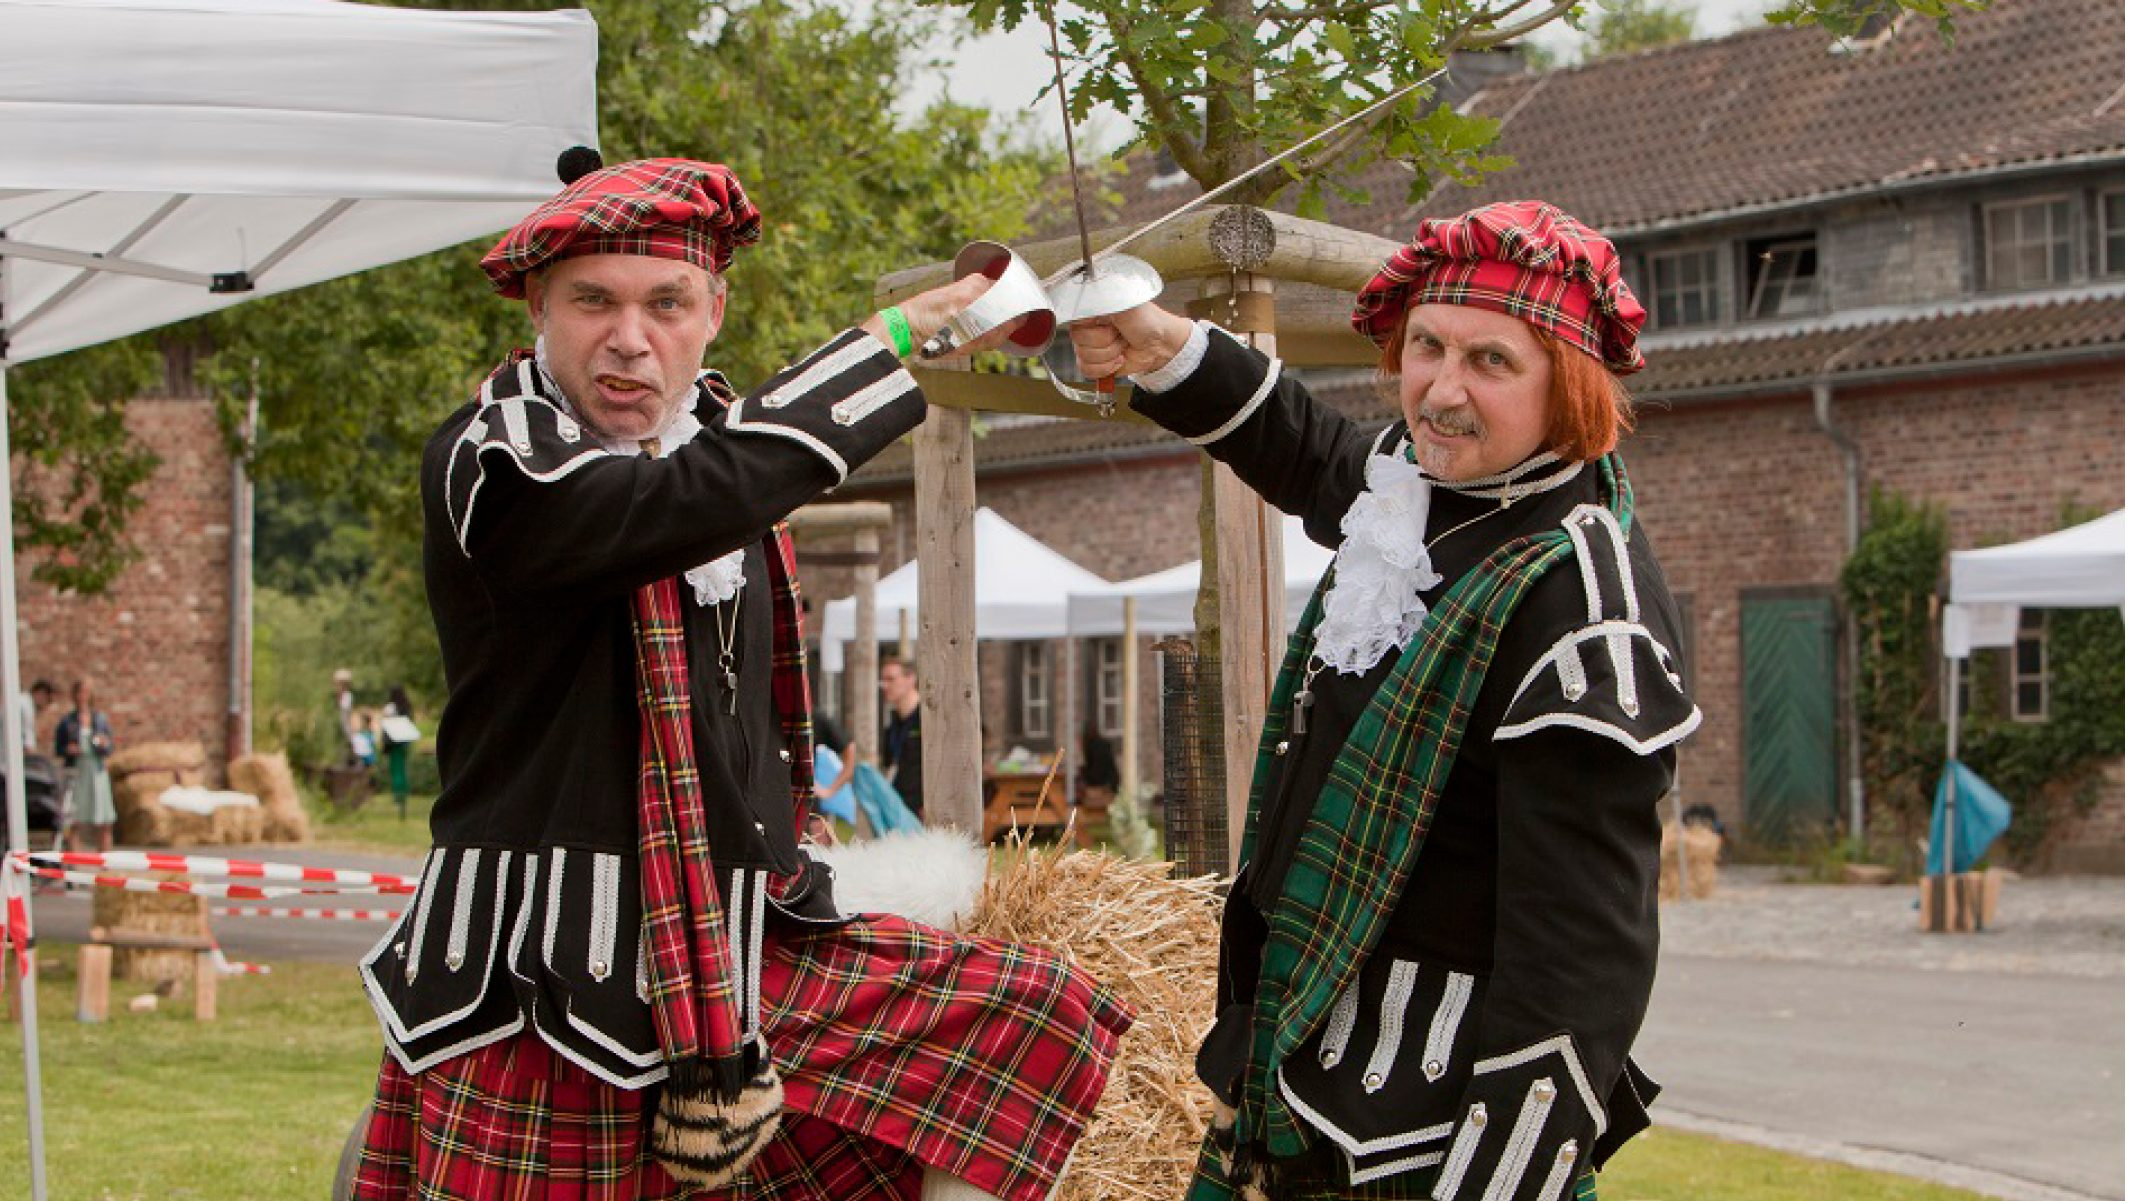 Zwei Teilnehmer der Highland-Games kreuzen in historischen Kostümen die Säbel